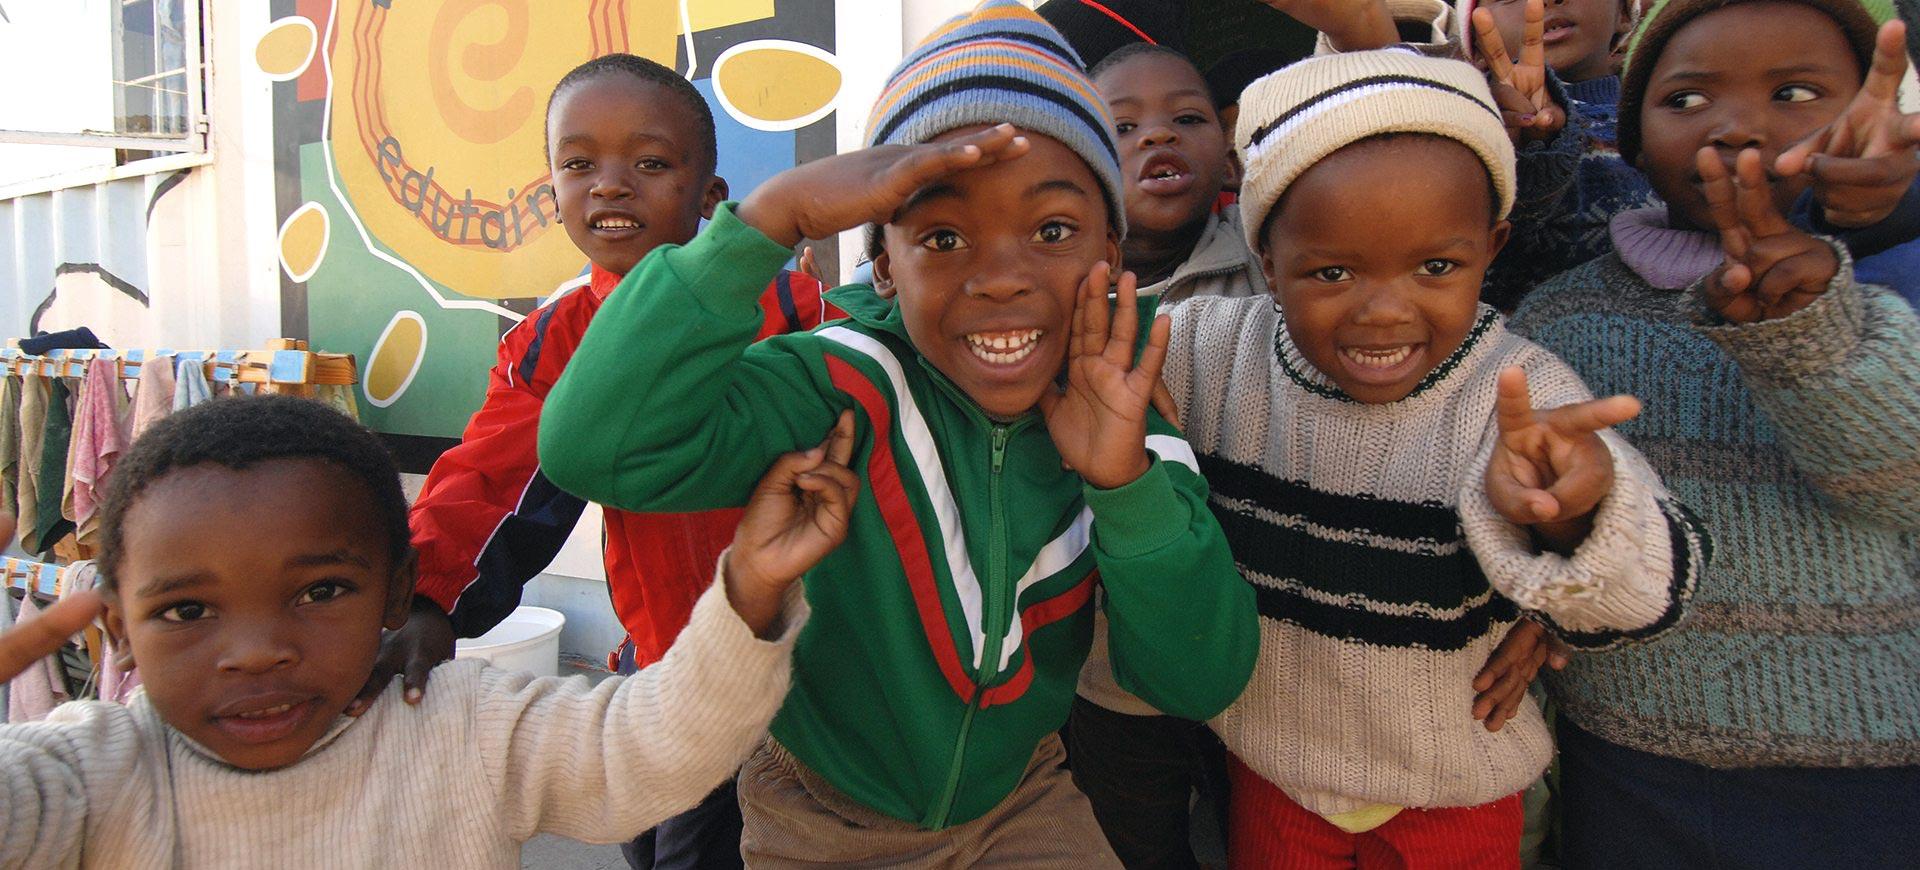 Kruger Park Community Visit